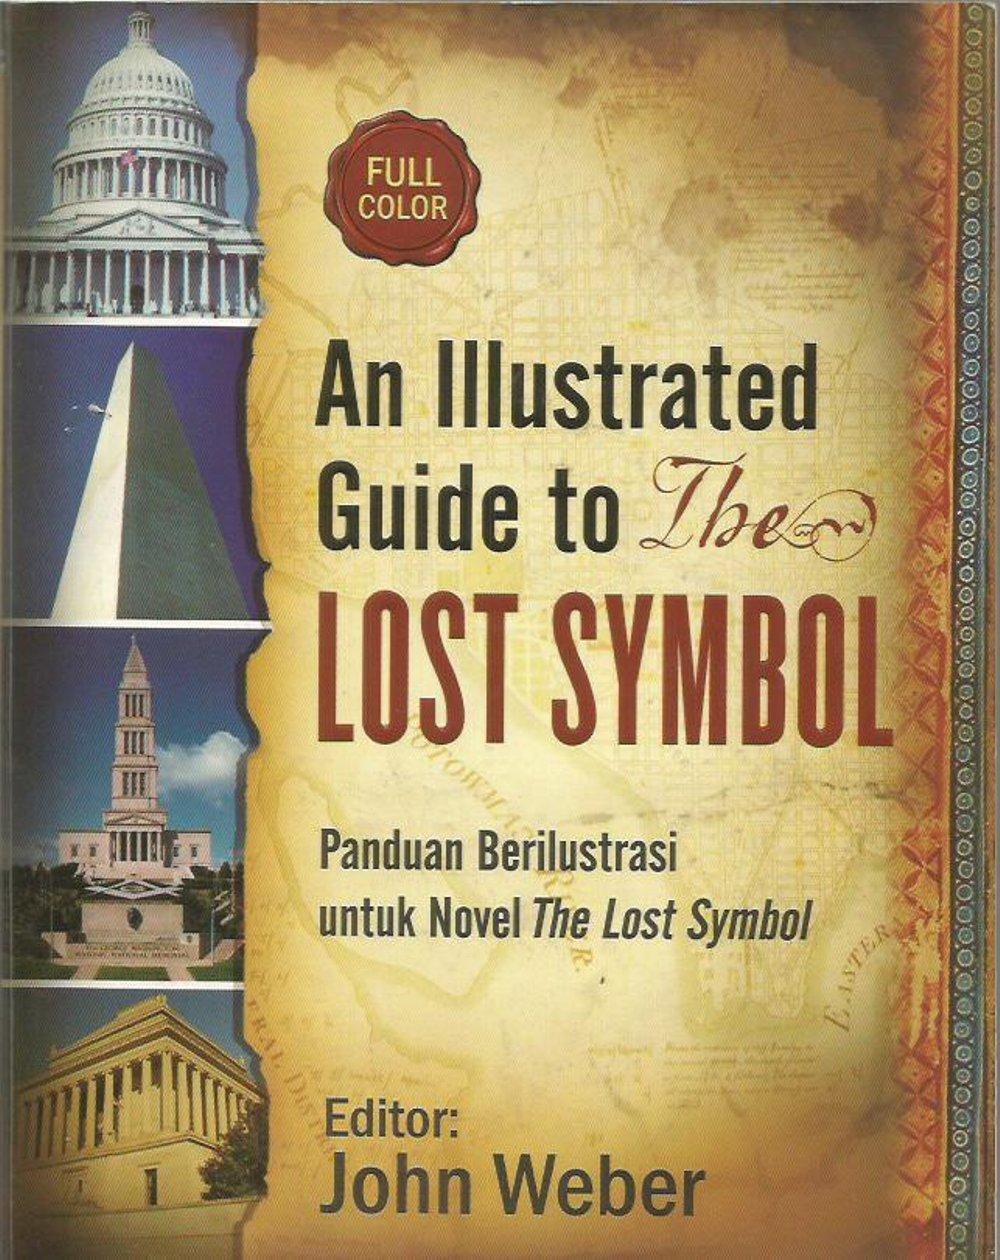 Jual Illustrated Guide Lost Symbol Panduan Ilustrasi Lengkap Petualangan Air